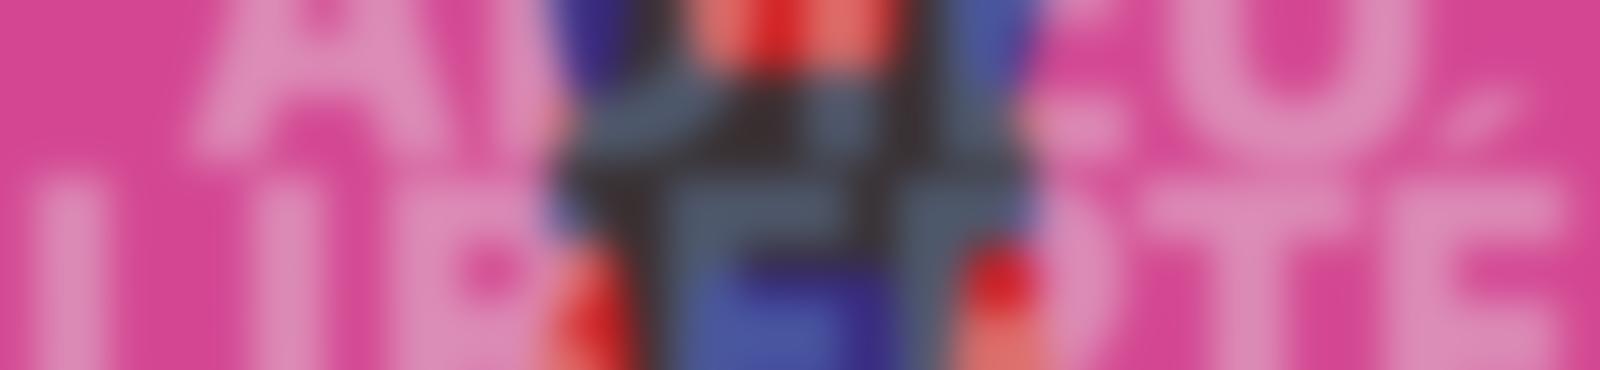 Blurred 480a812c c58a 458e bd4b 60daa834ce24